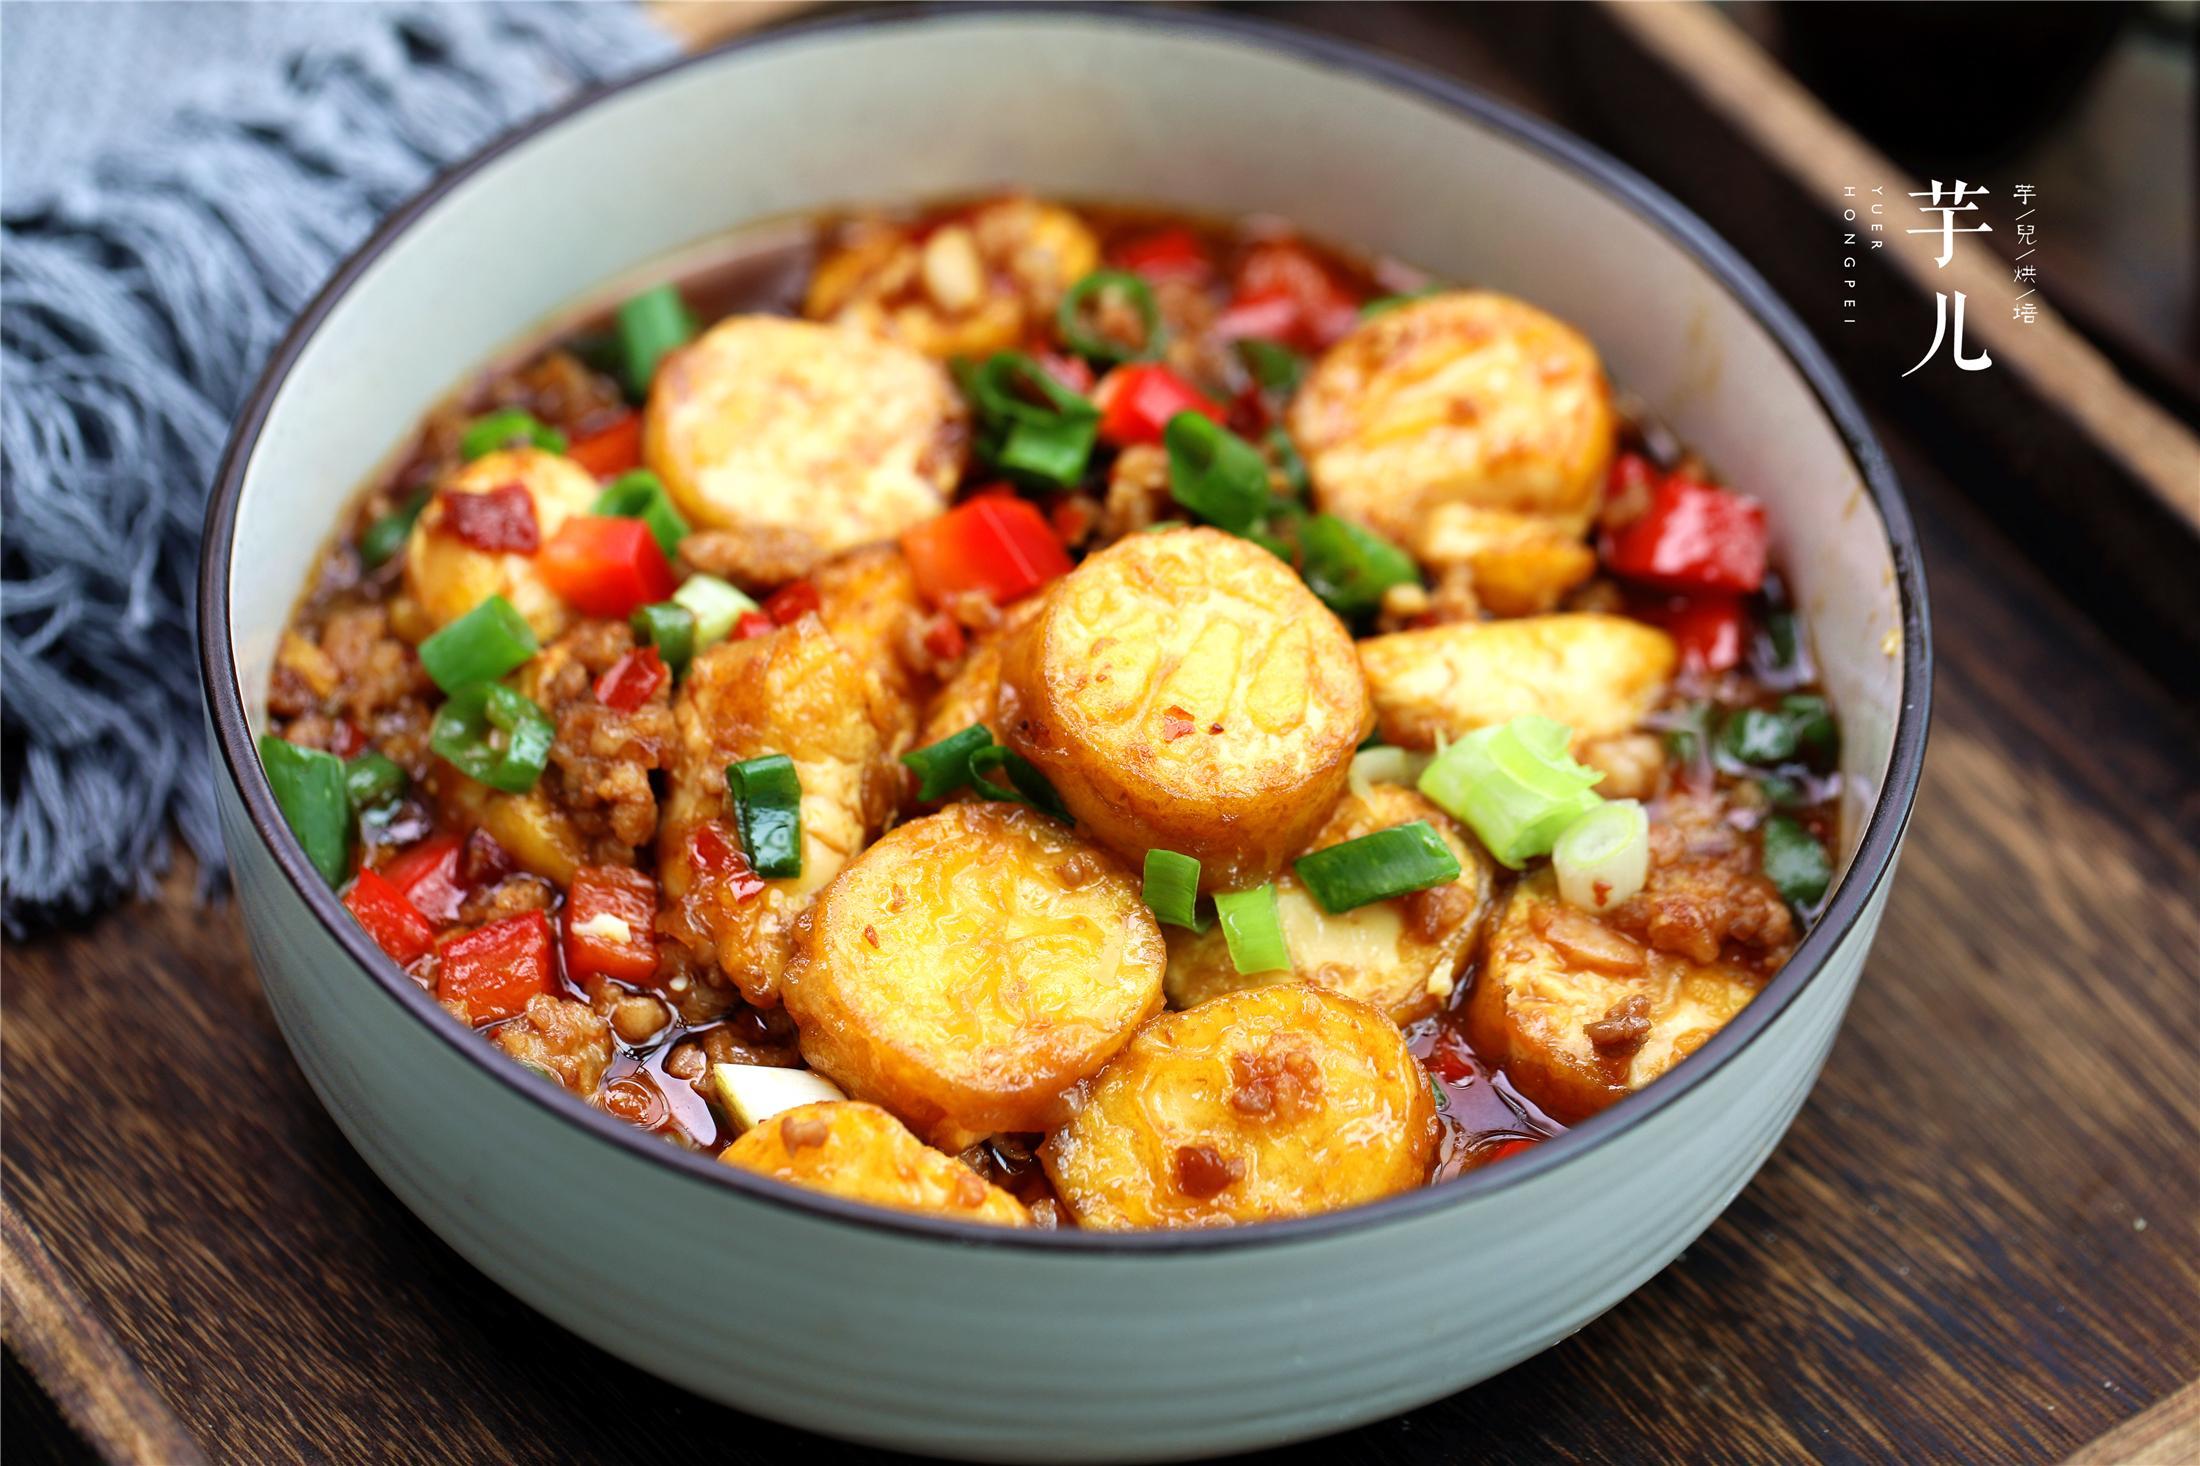 脆皮玉子豆腐【脆皮玉子豆腐最美味的做法!外酥里嫩,酱汁鲜香,一口一个停不了】